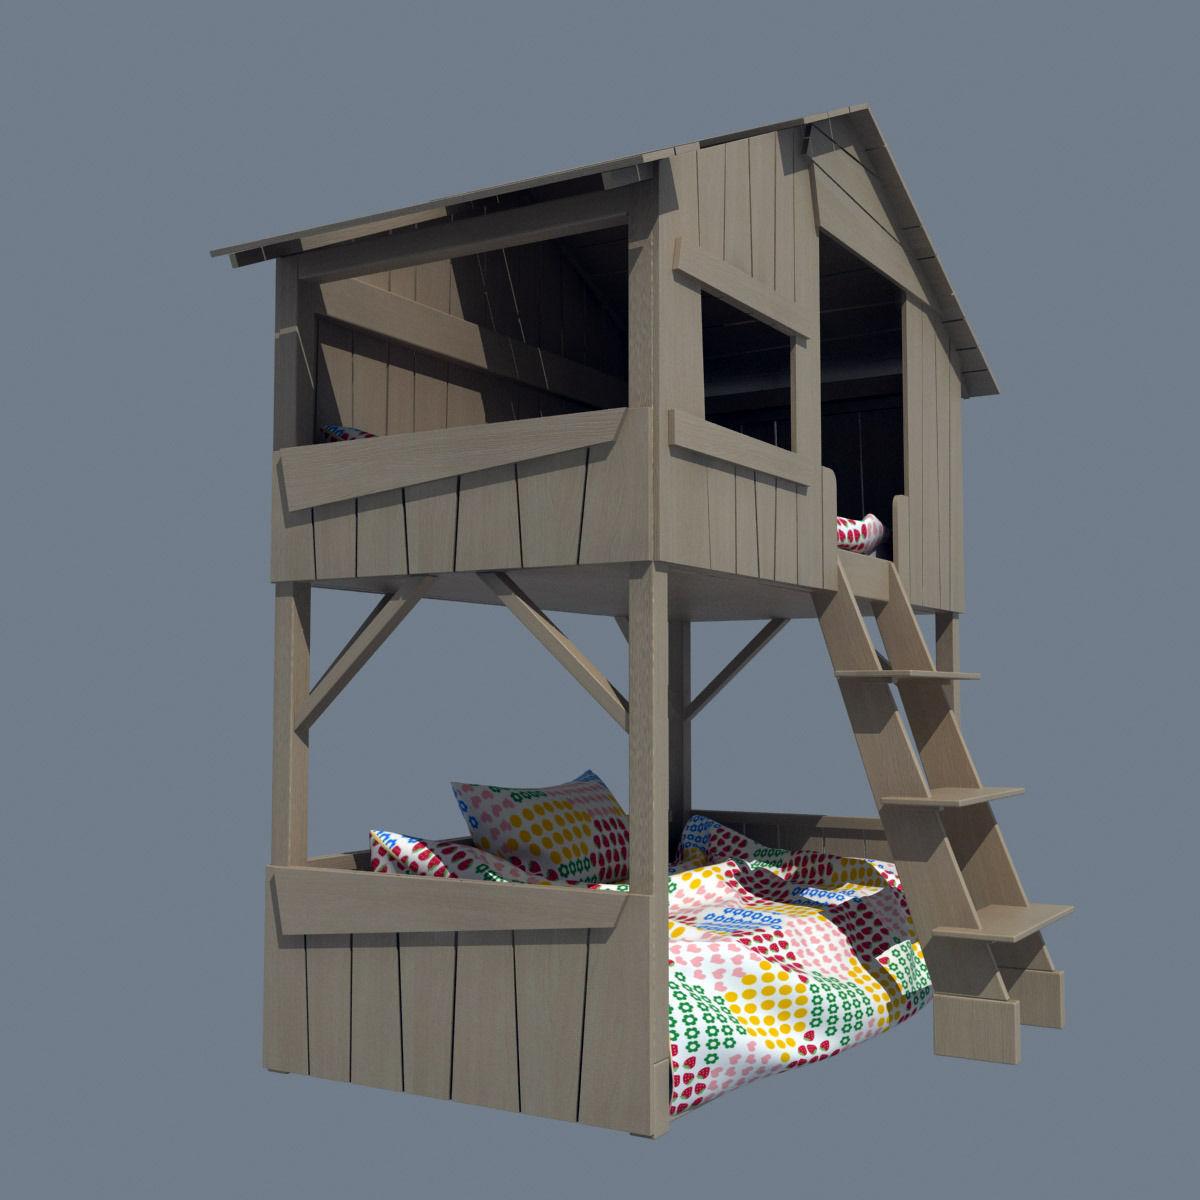 Bunk bed 3d model max obj 3ds fbx for 3ds max bed model